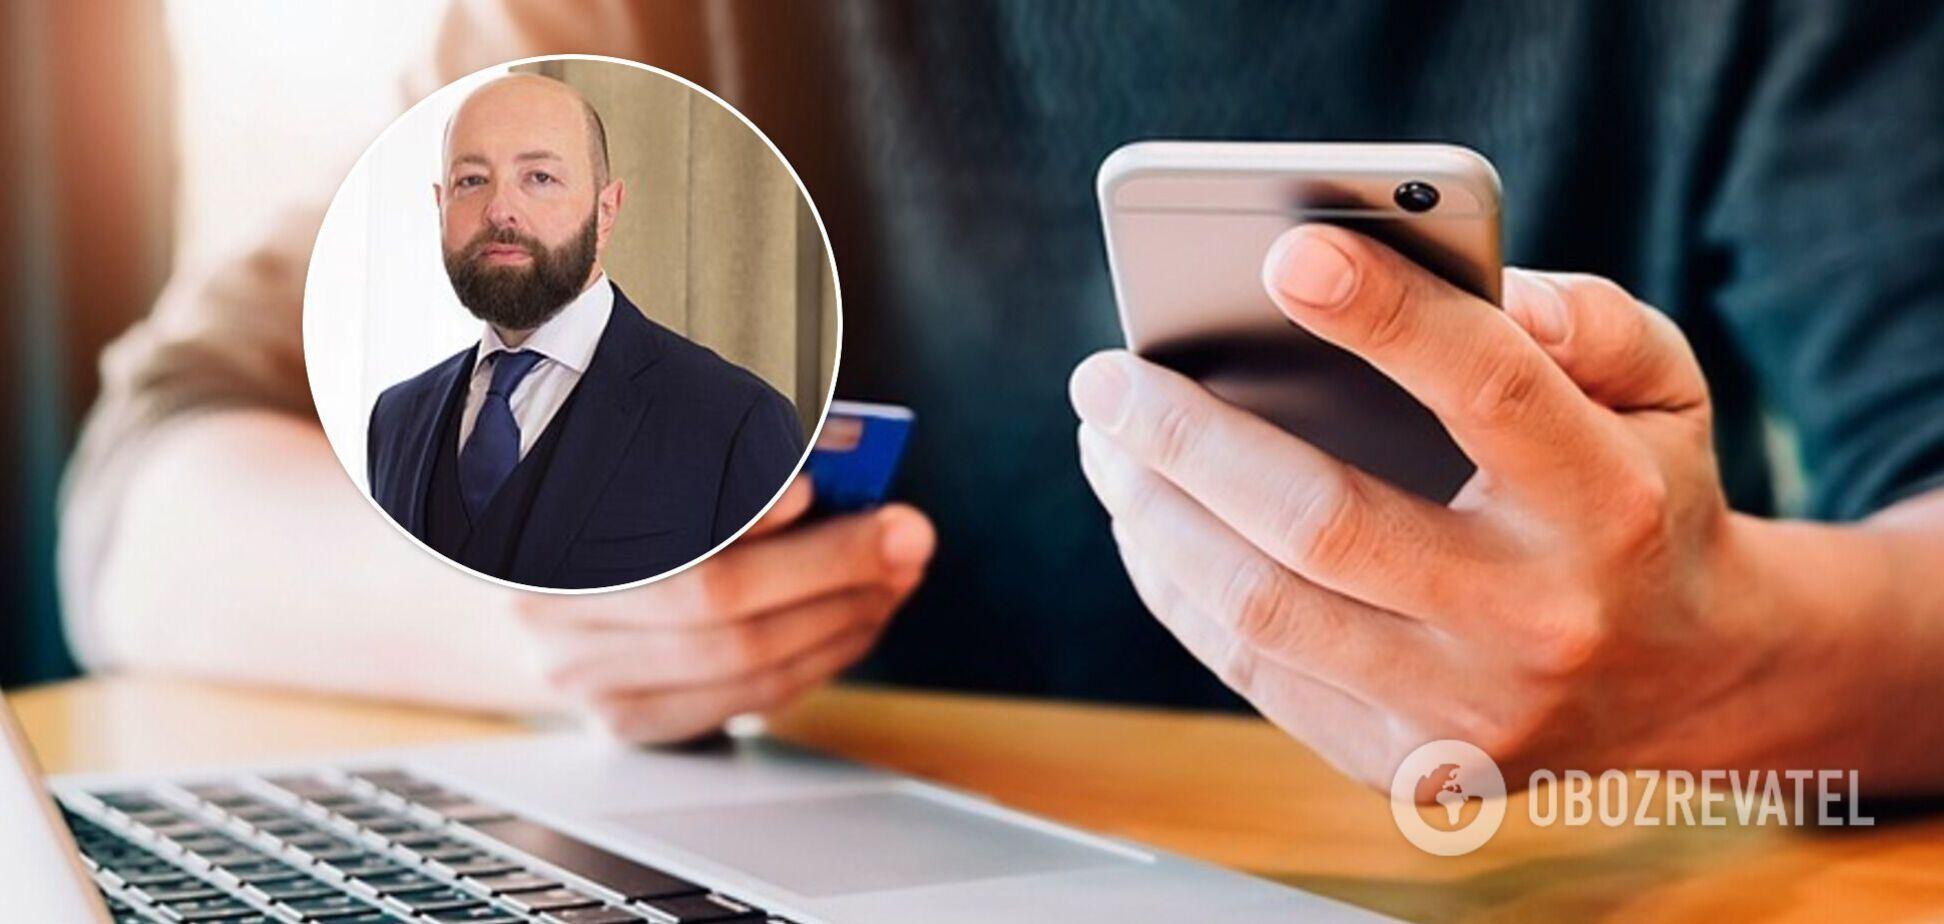 Чому блокують банківські картки і як перевіряють активи українців: інтерв'ю з главою Держфінмоніторингу